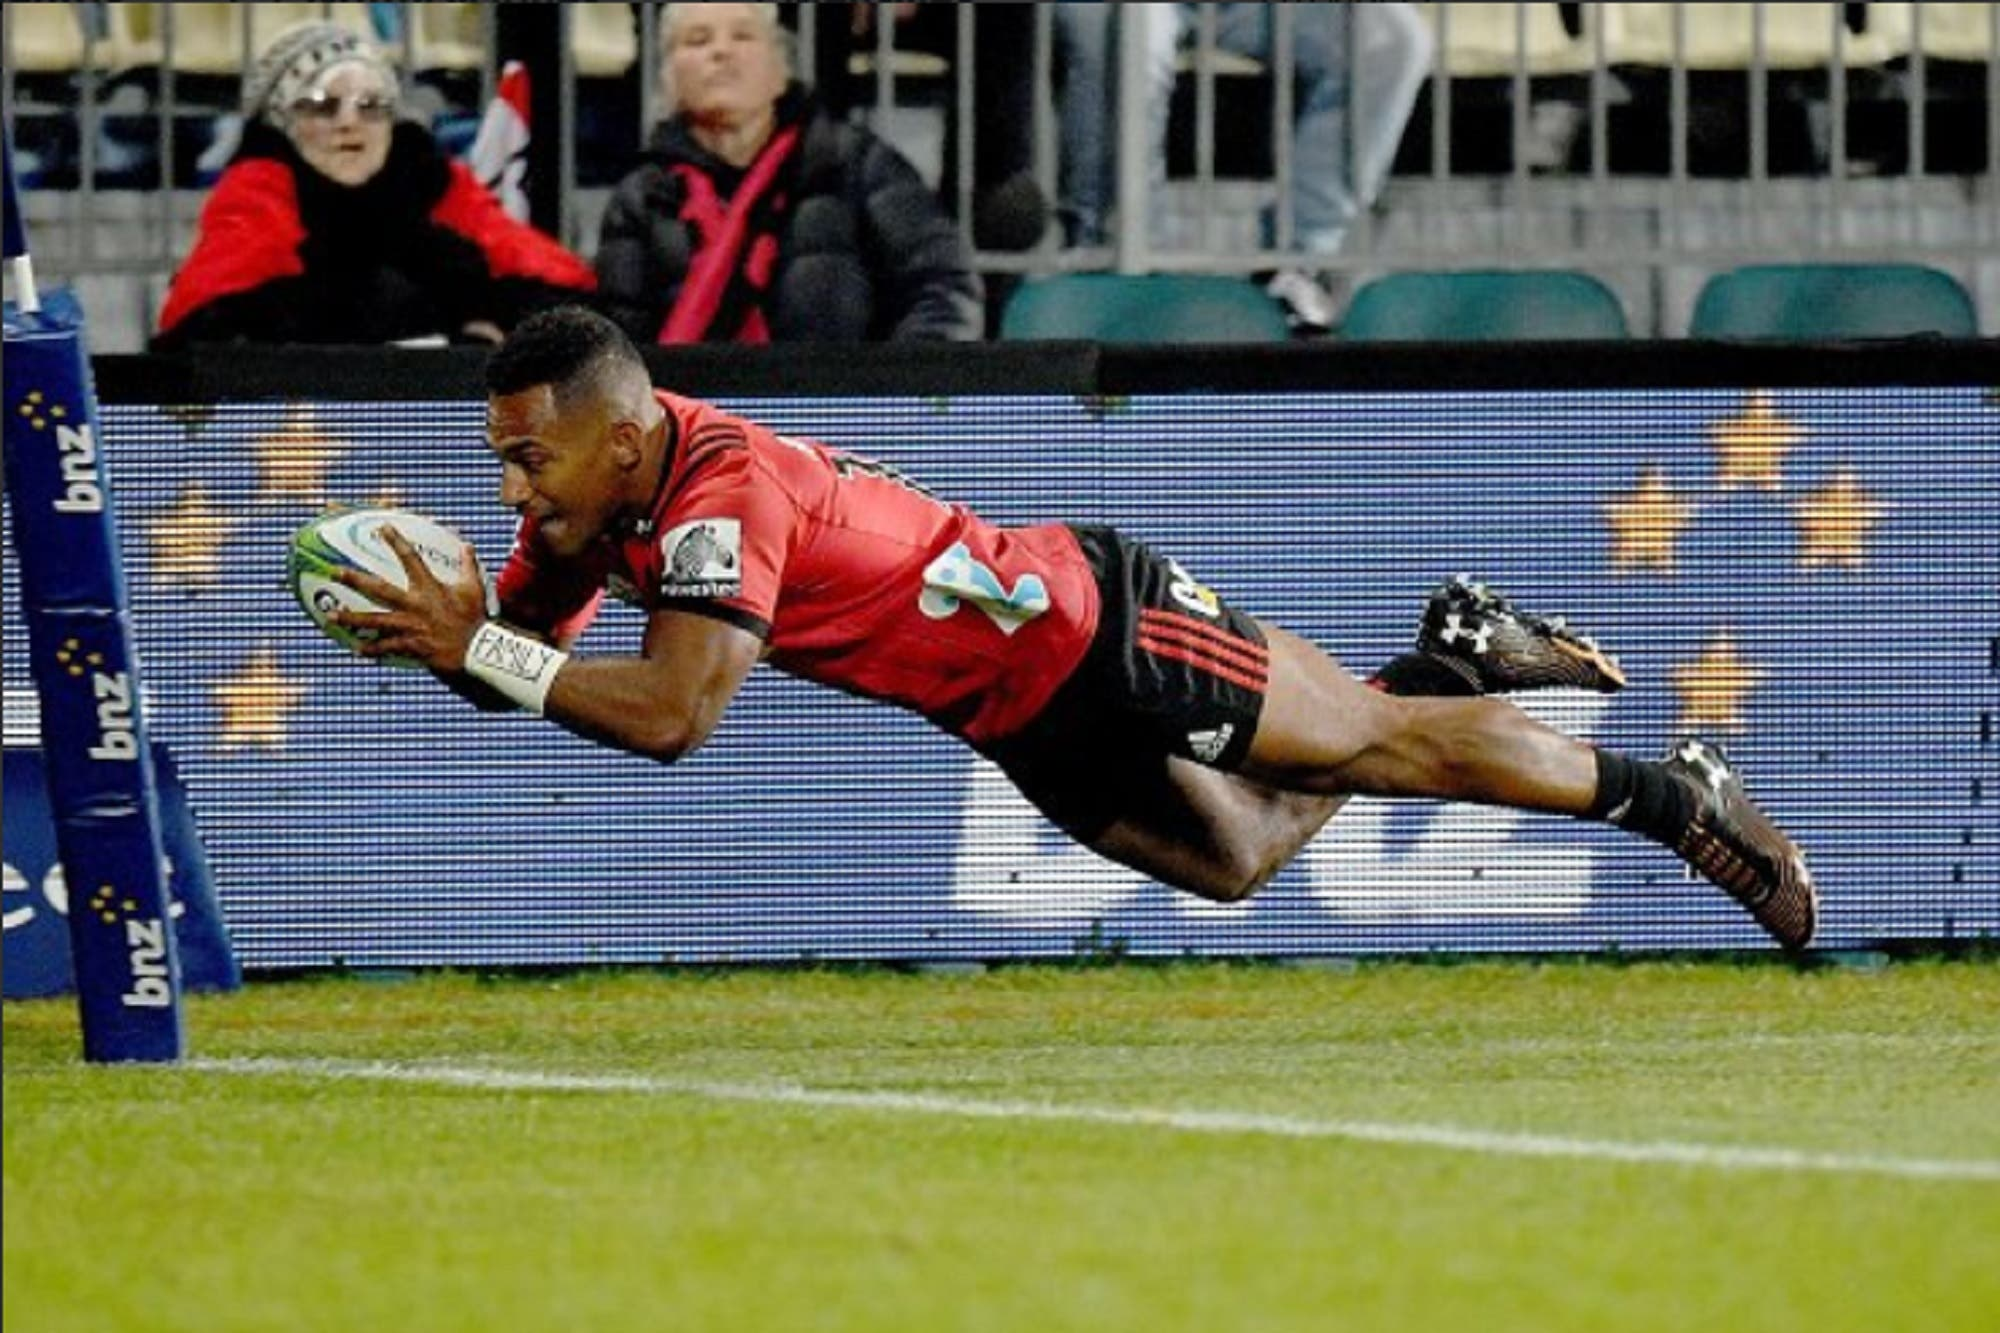 Súper Rugby. Equipos confirmados: así formarán Crusaders y Jaguares en la final